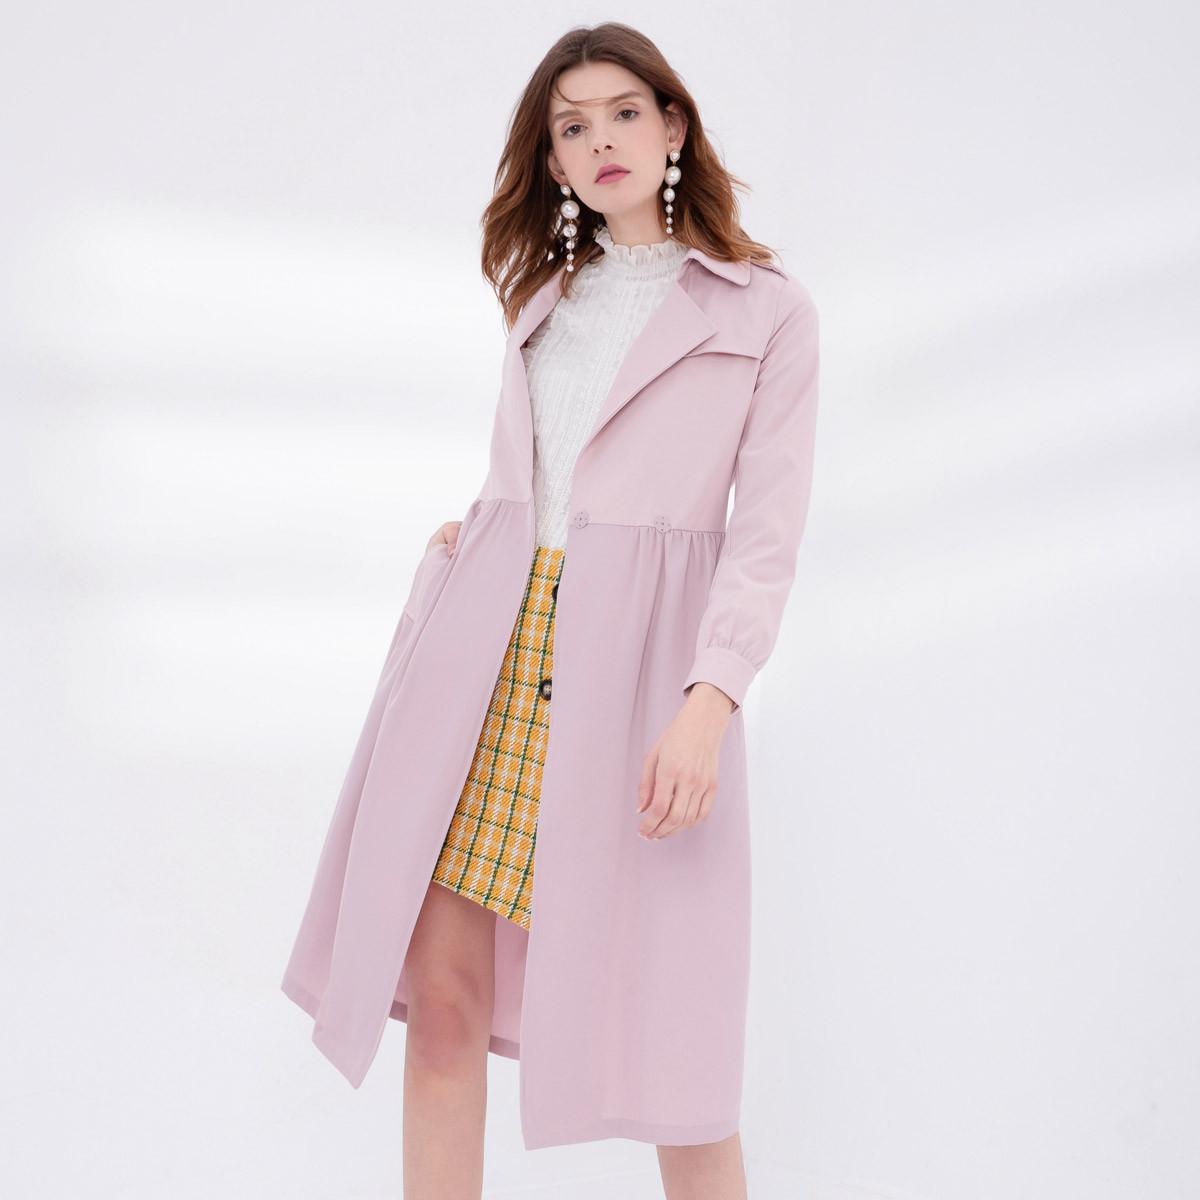 强调复合式时尚概念 戈蔓婷女装为店铺注入生机活力